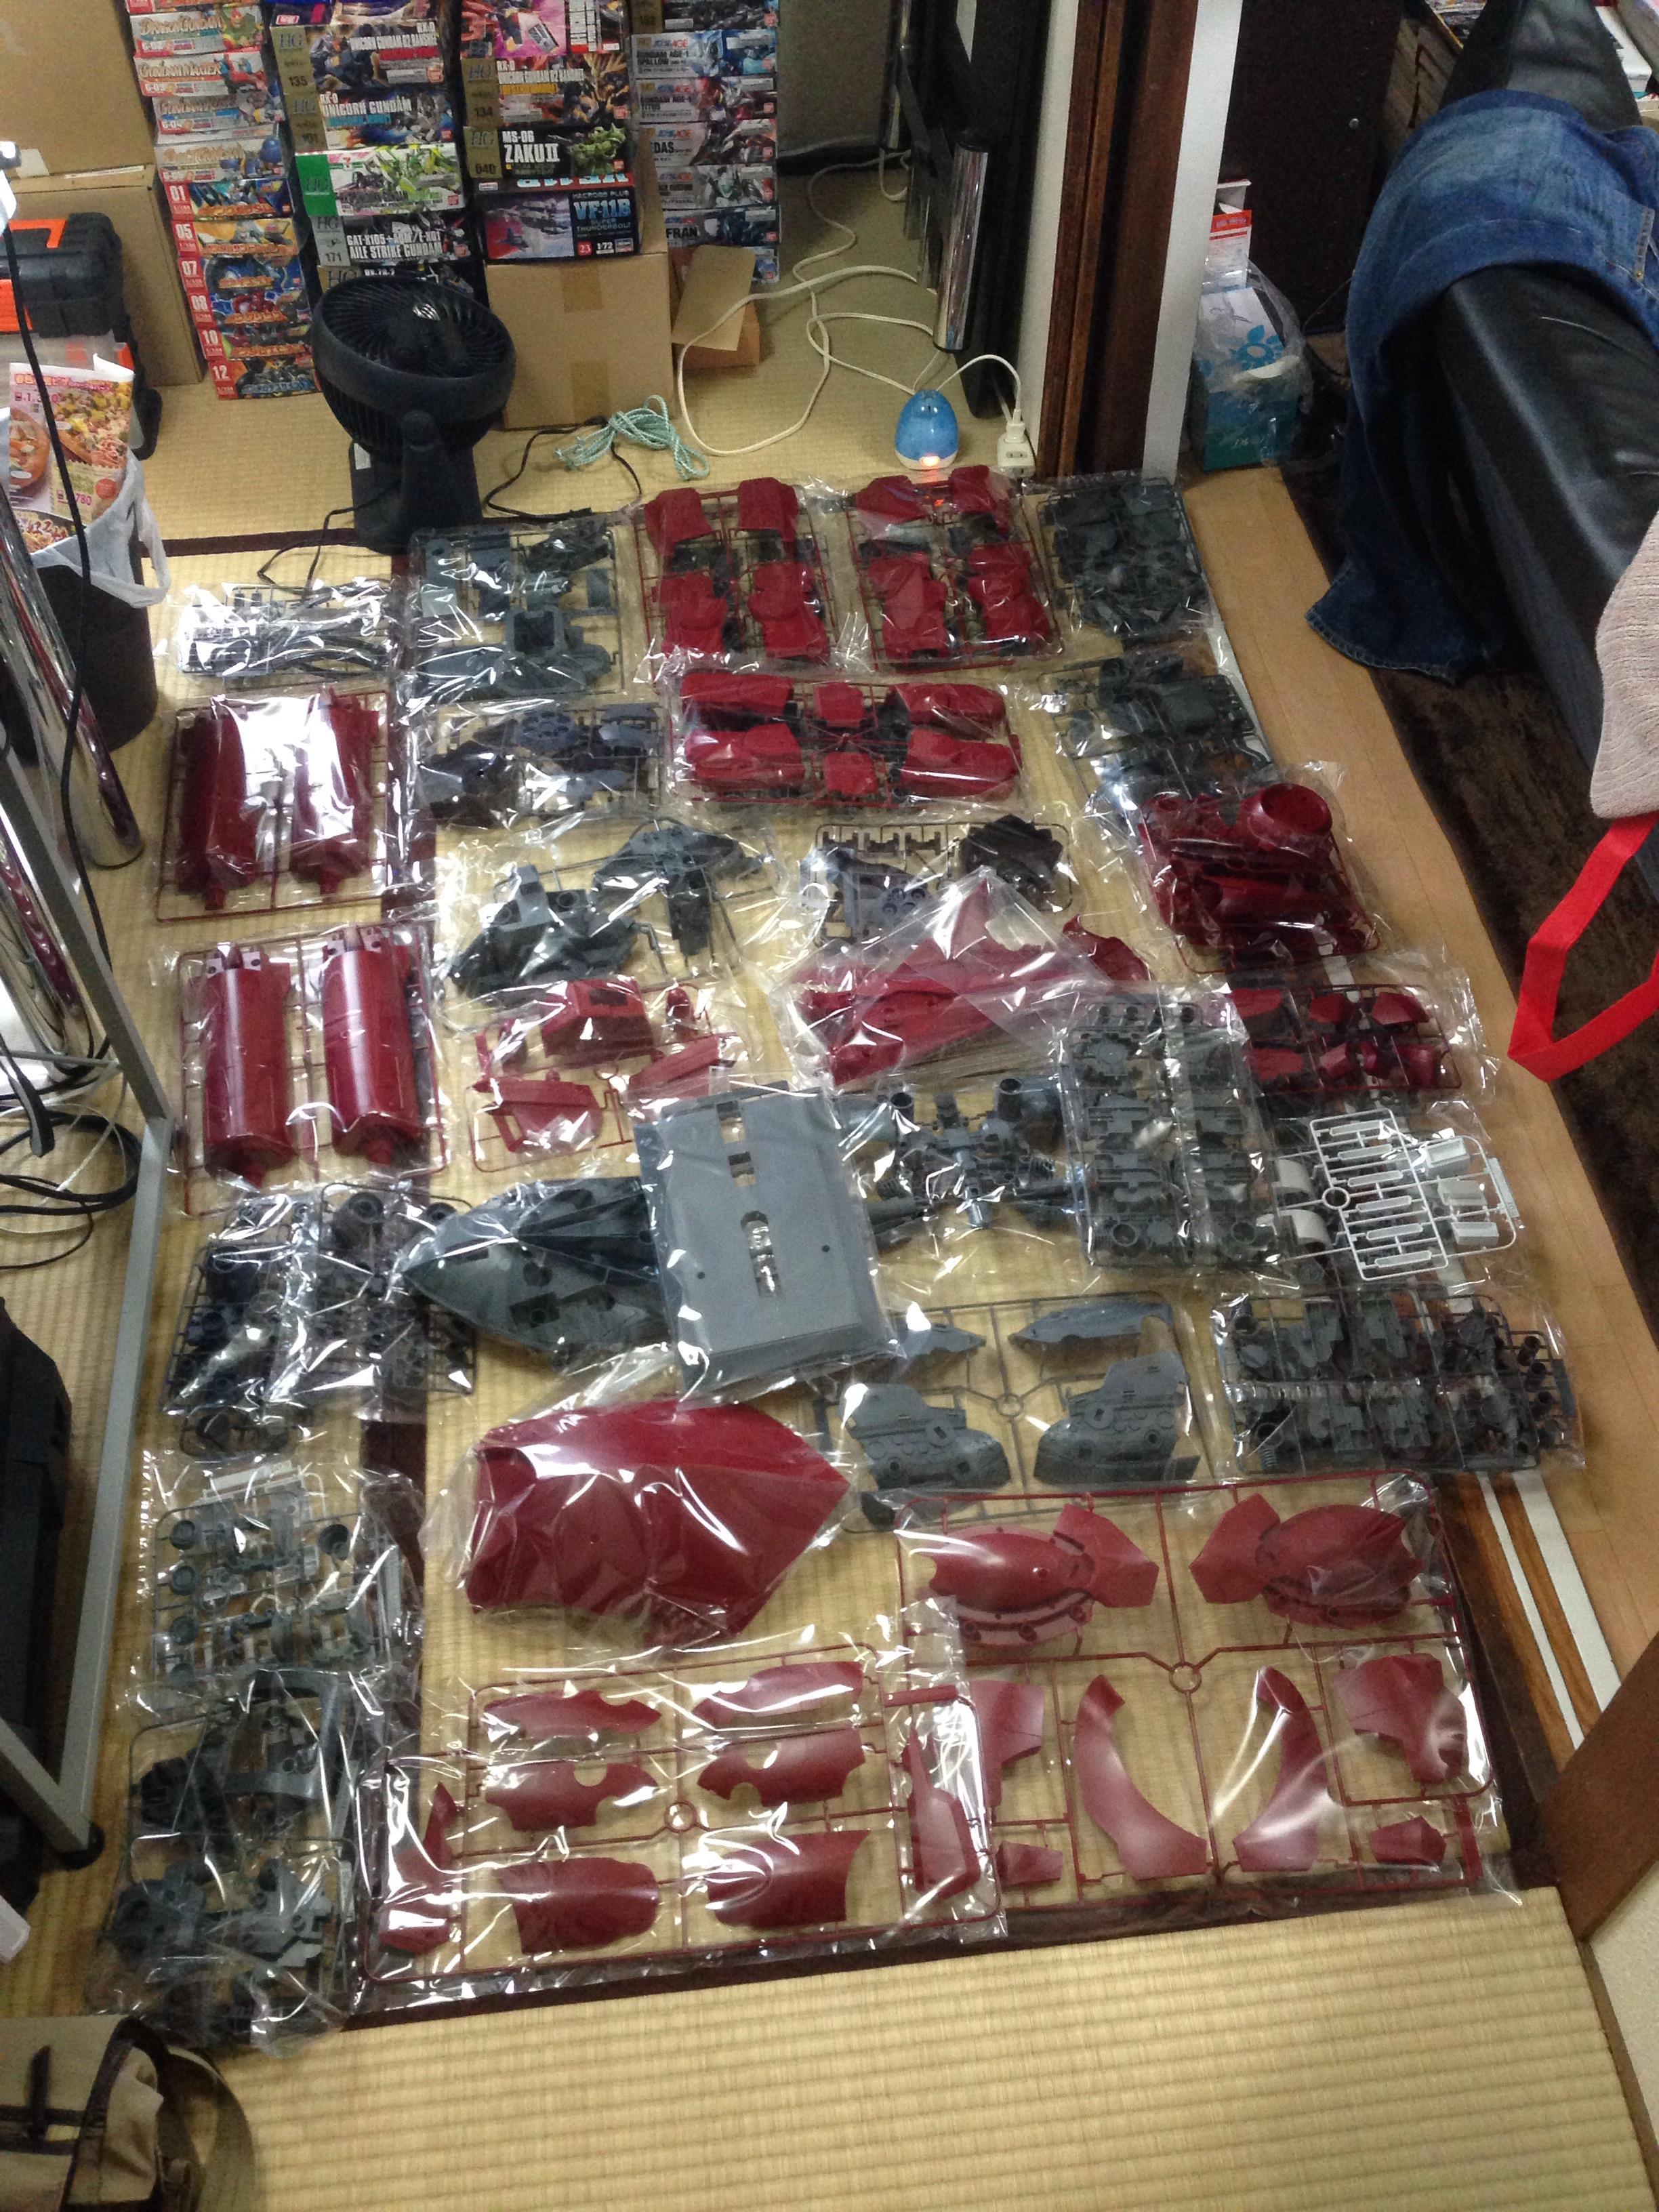 加賀楓ちゃんが新しいガンプラを買ったよ! [無断転載禁止]©2ch.net->画像>64枚